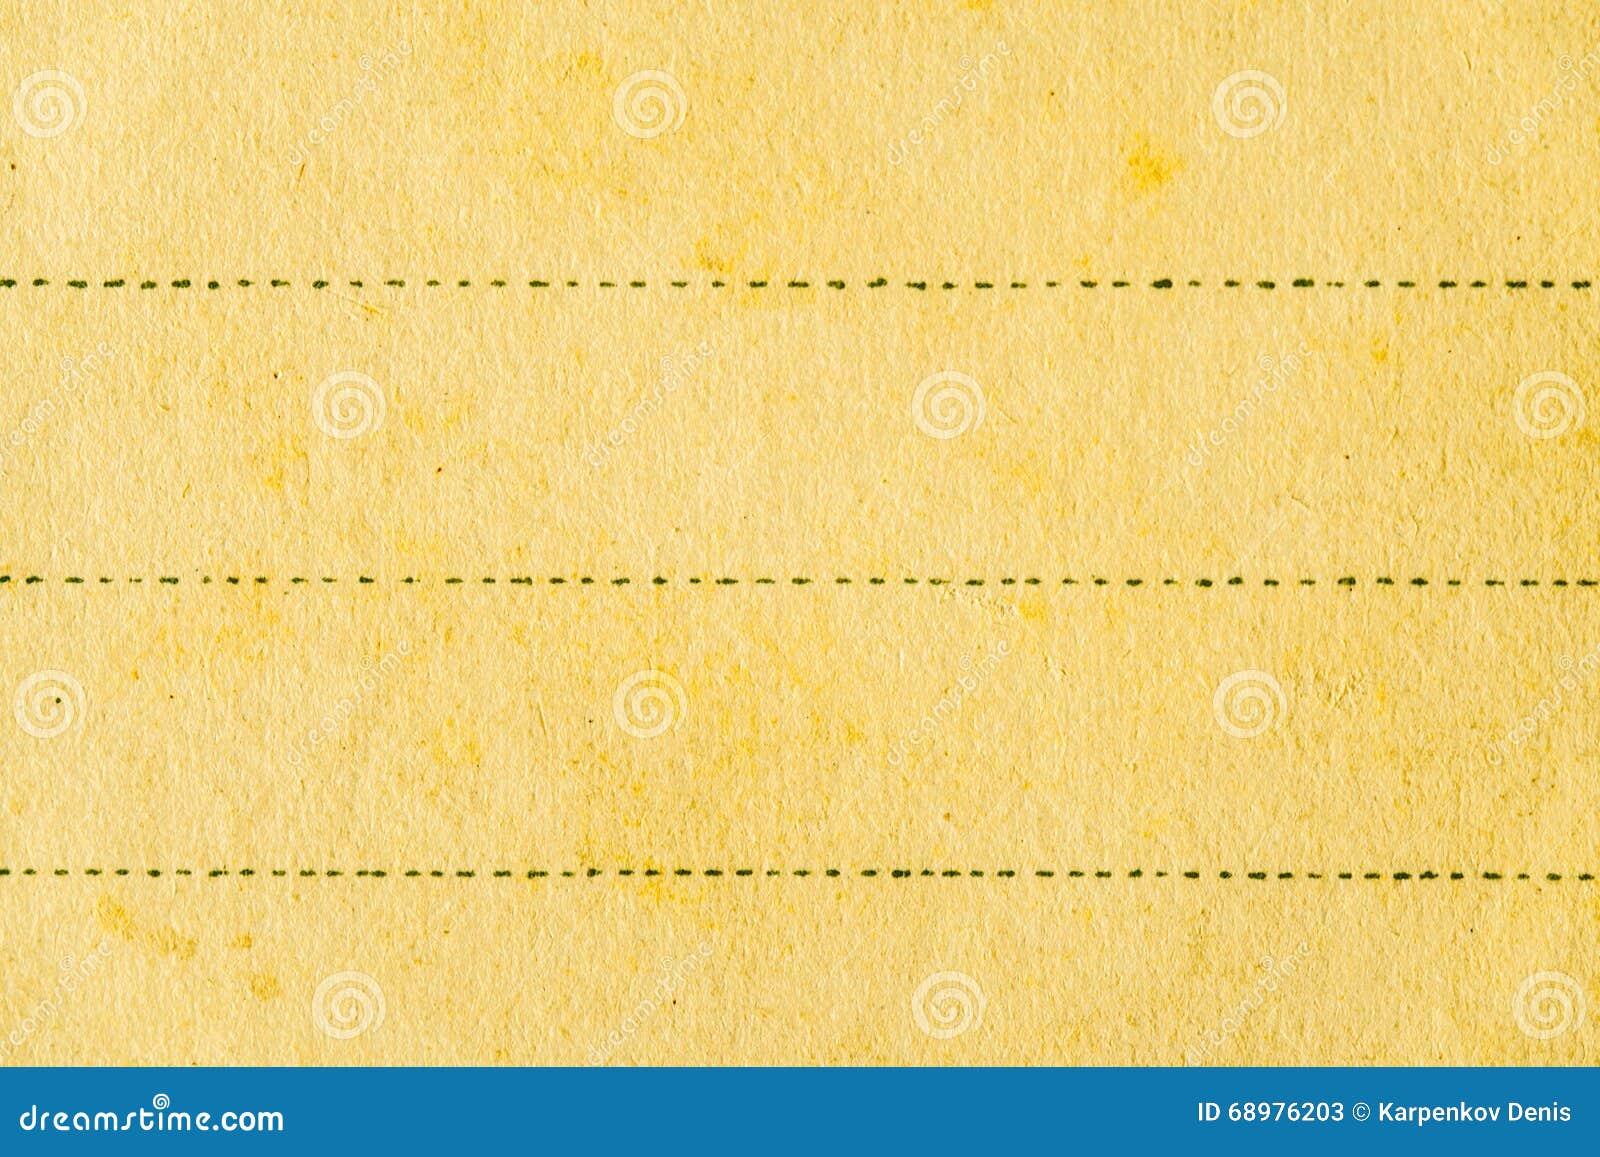 Fondo de papel con la línea negra